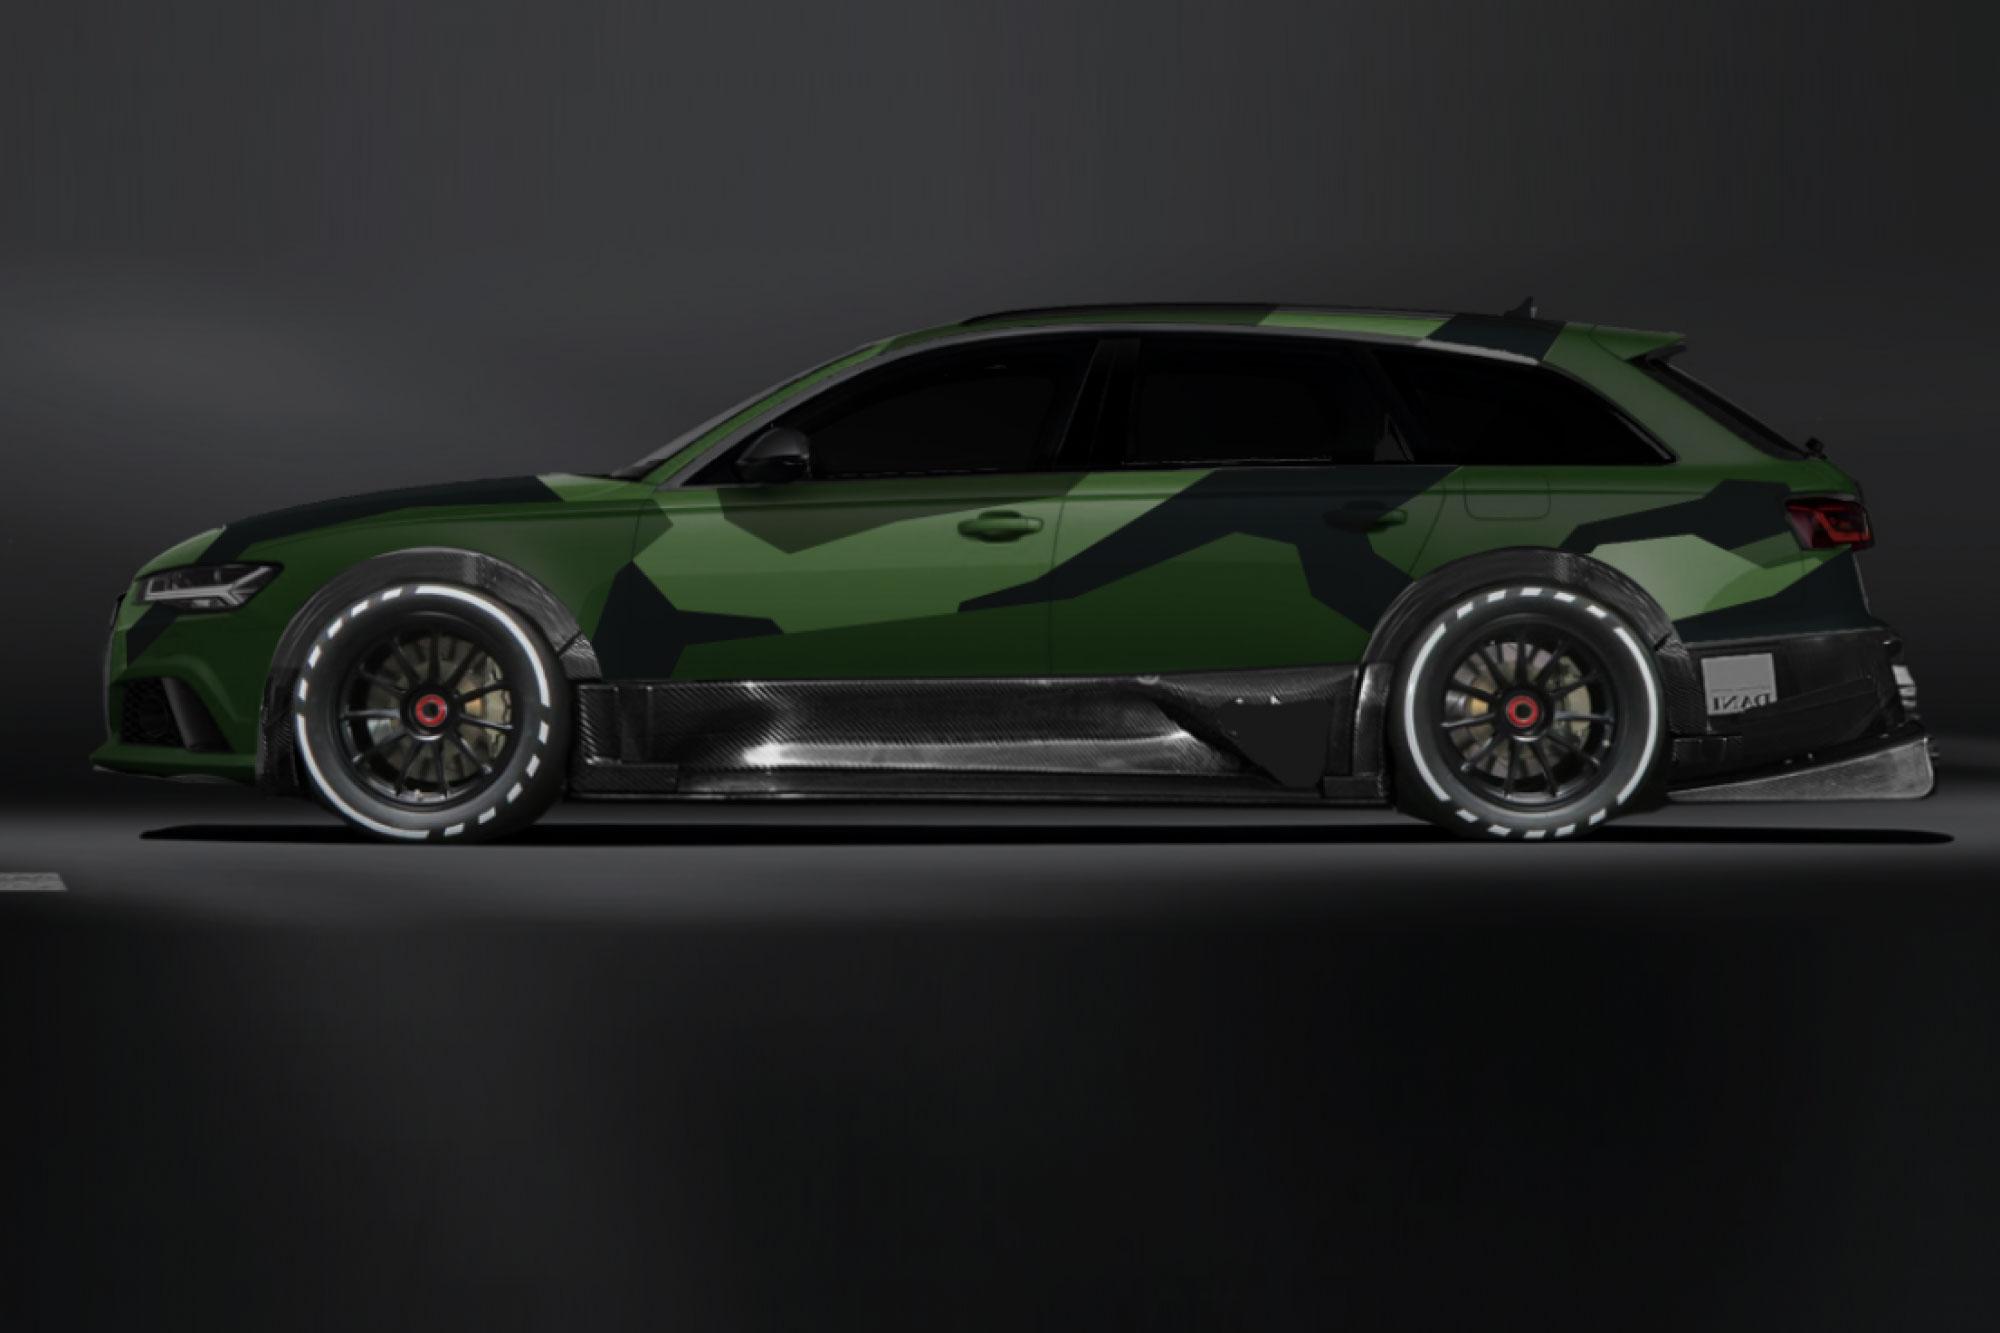 Audi a4 avant 2015 black